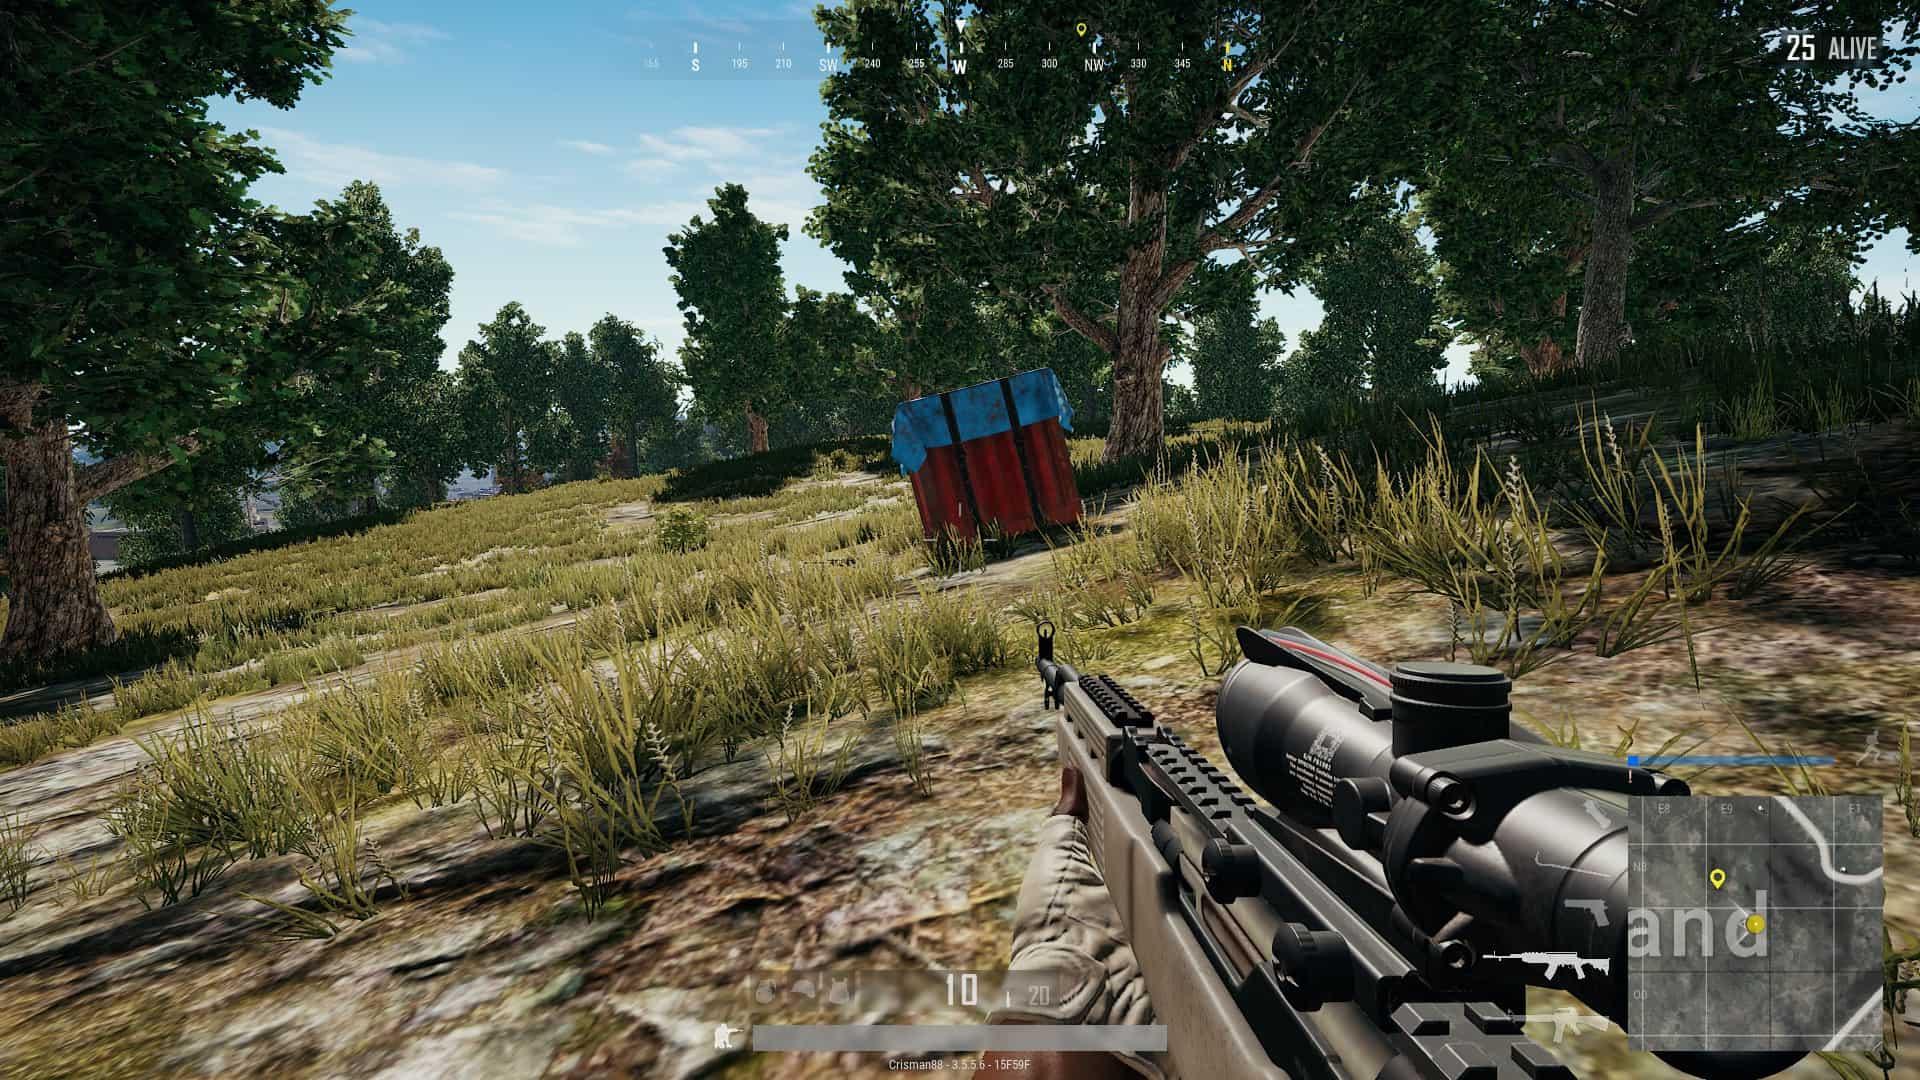 PUBG rece 3 - Playerunknown's Battlegrounds - Recensione